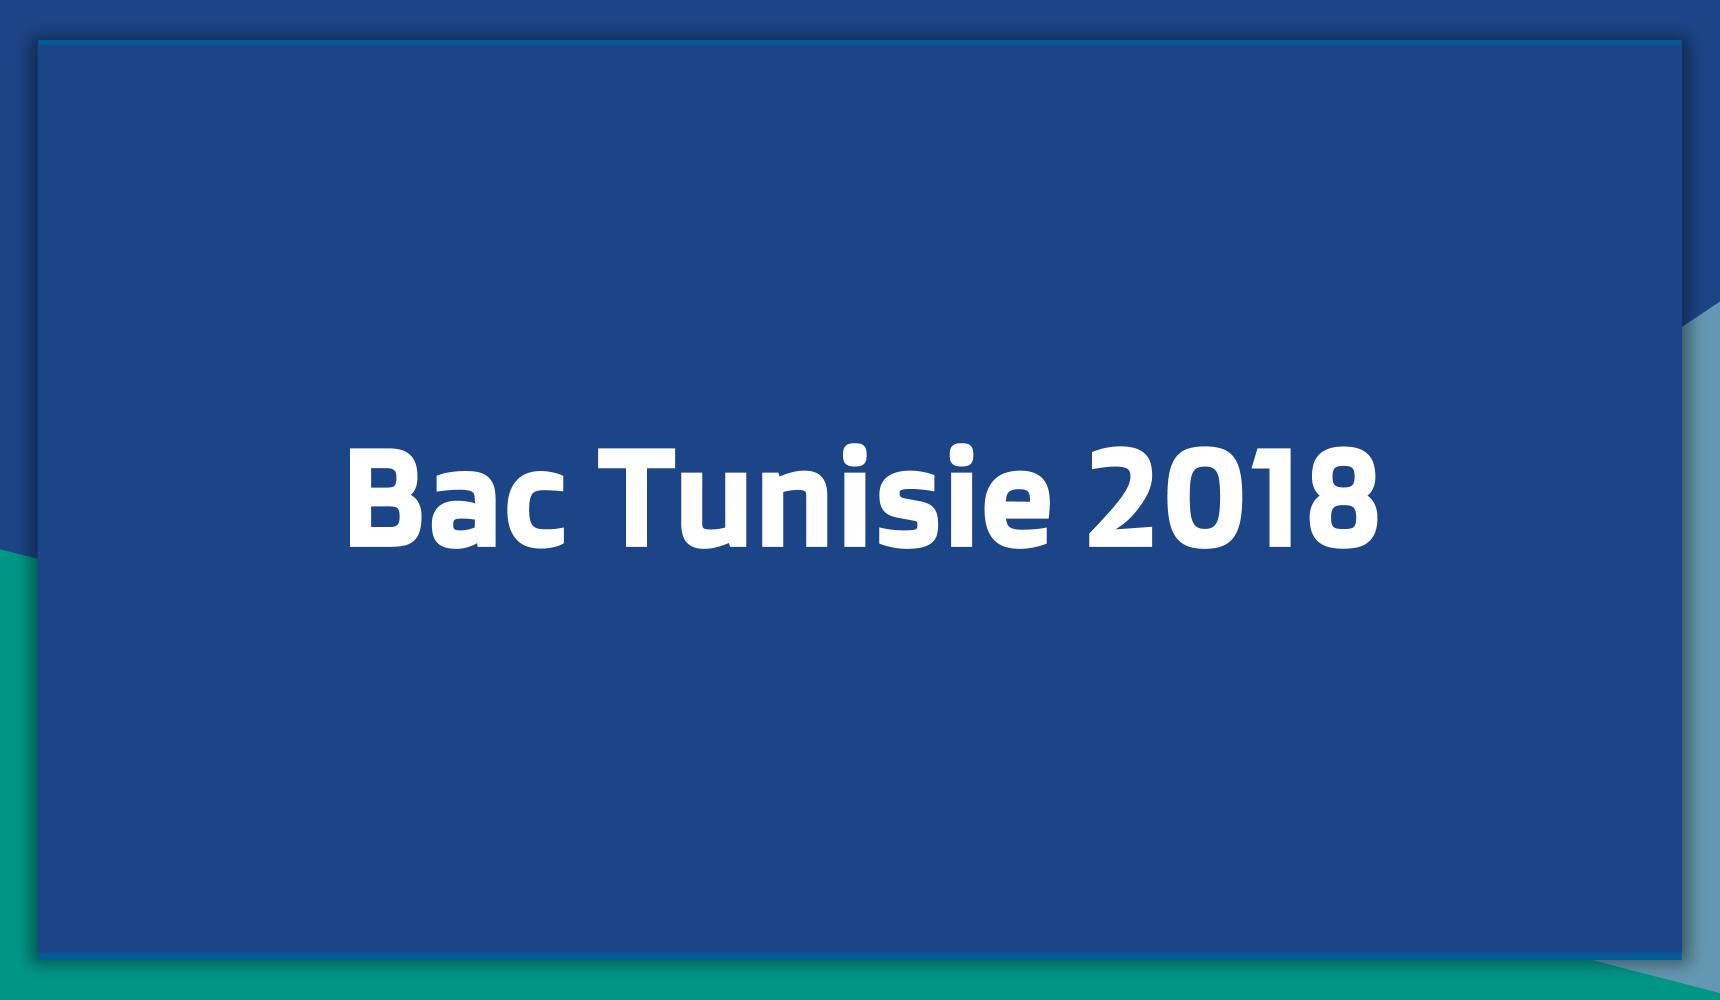 Bac Tunisie 2018